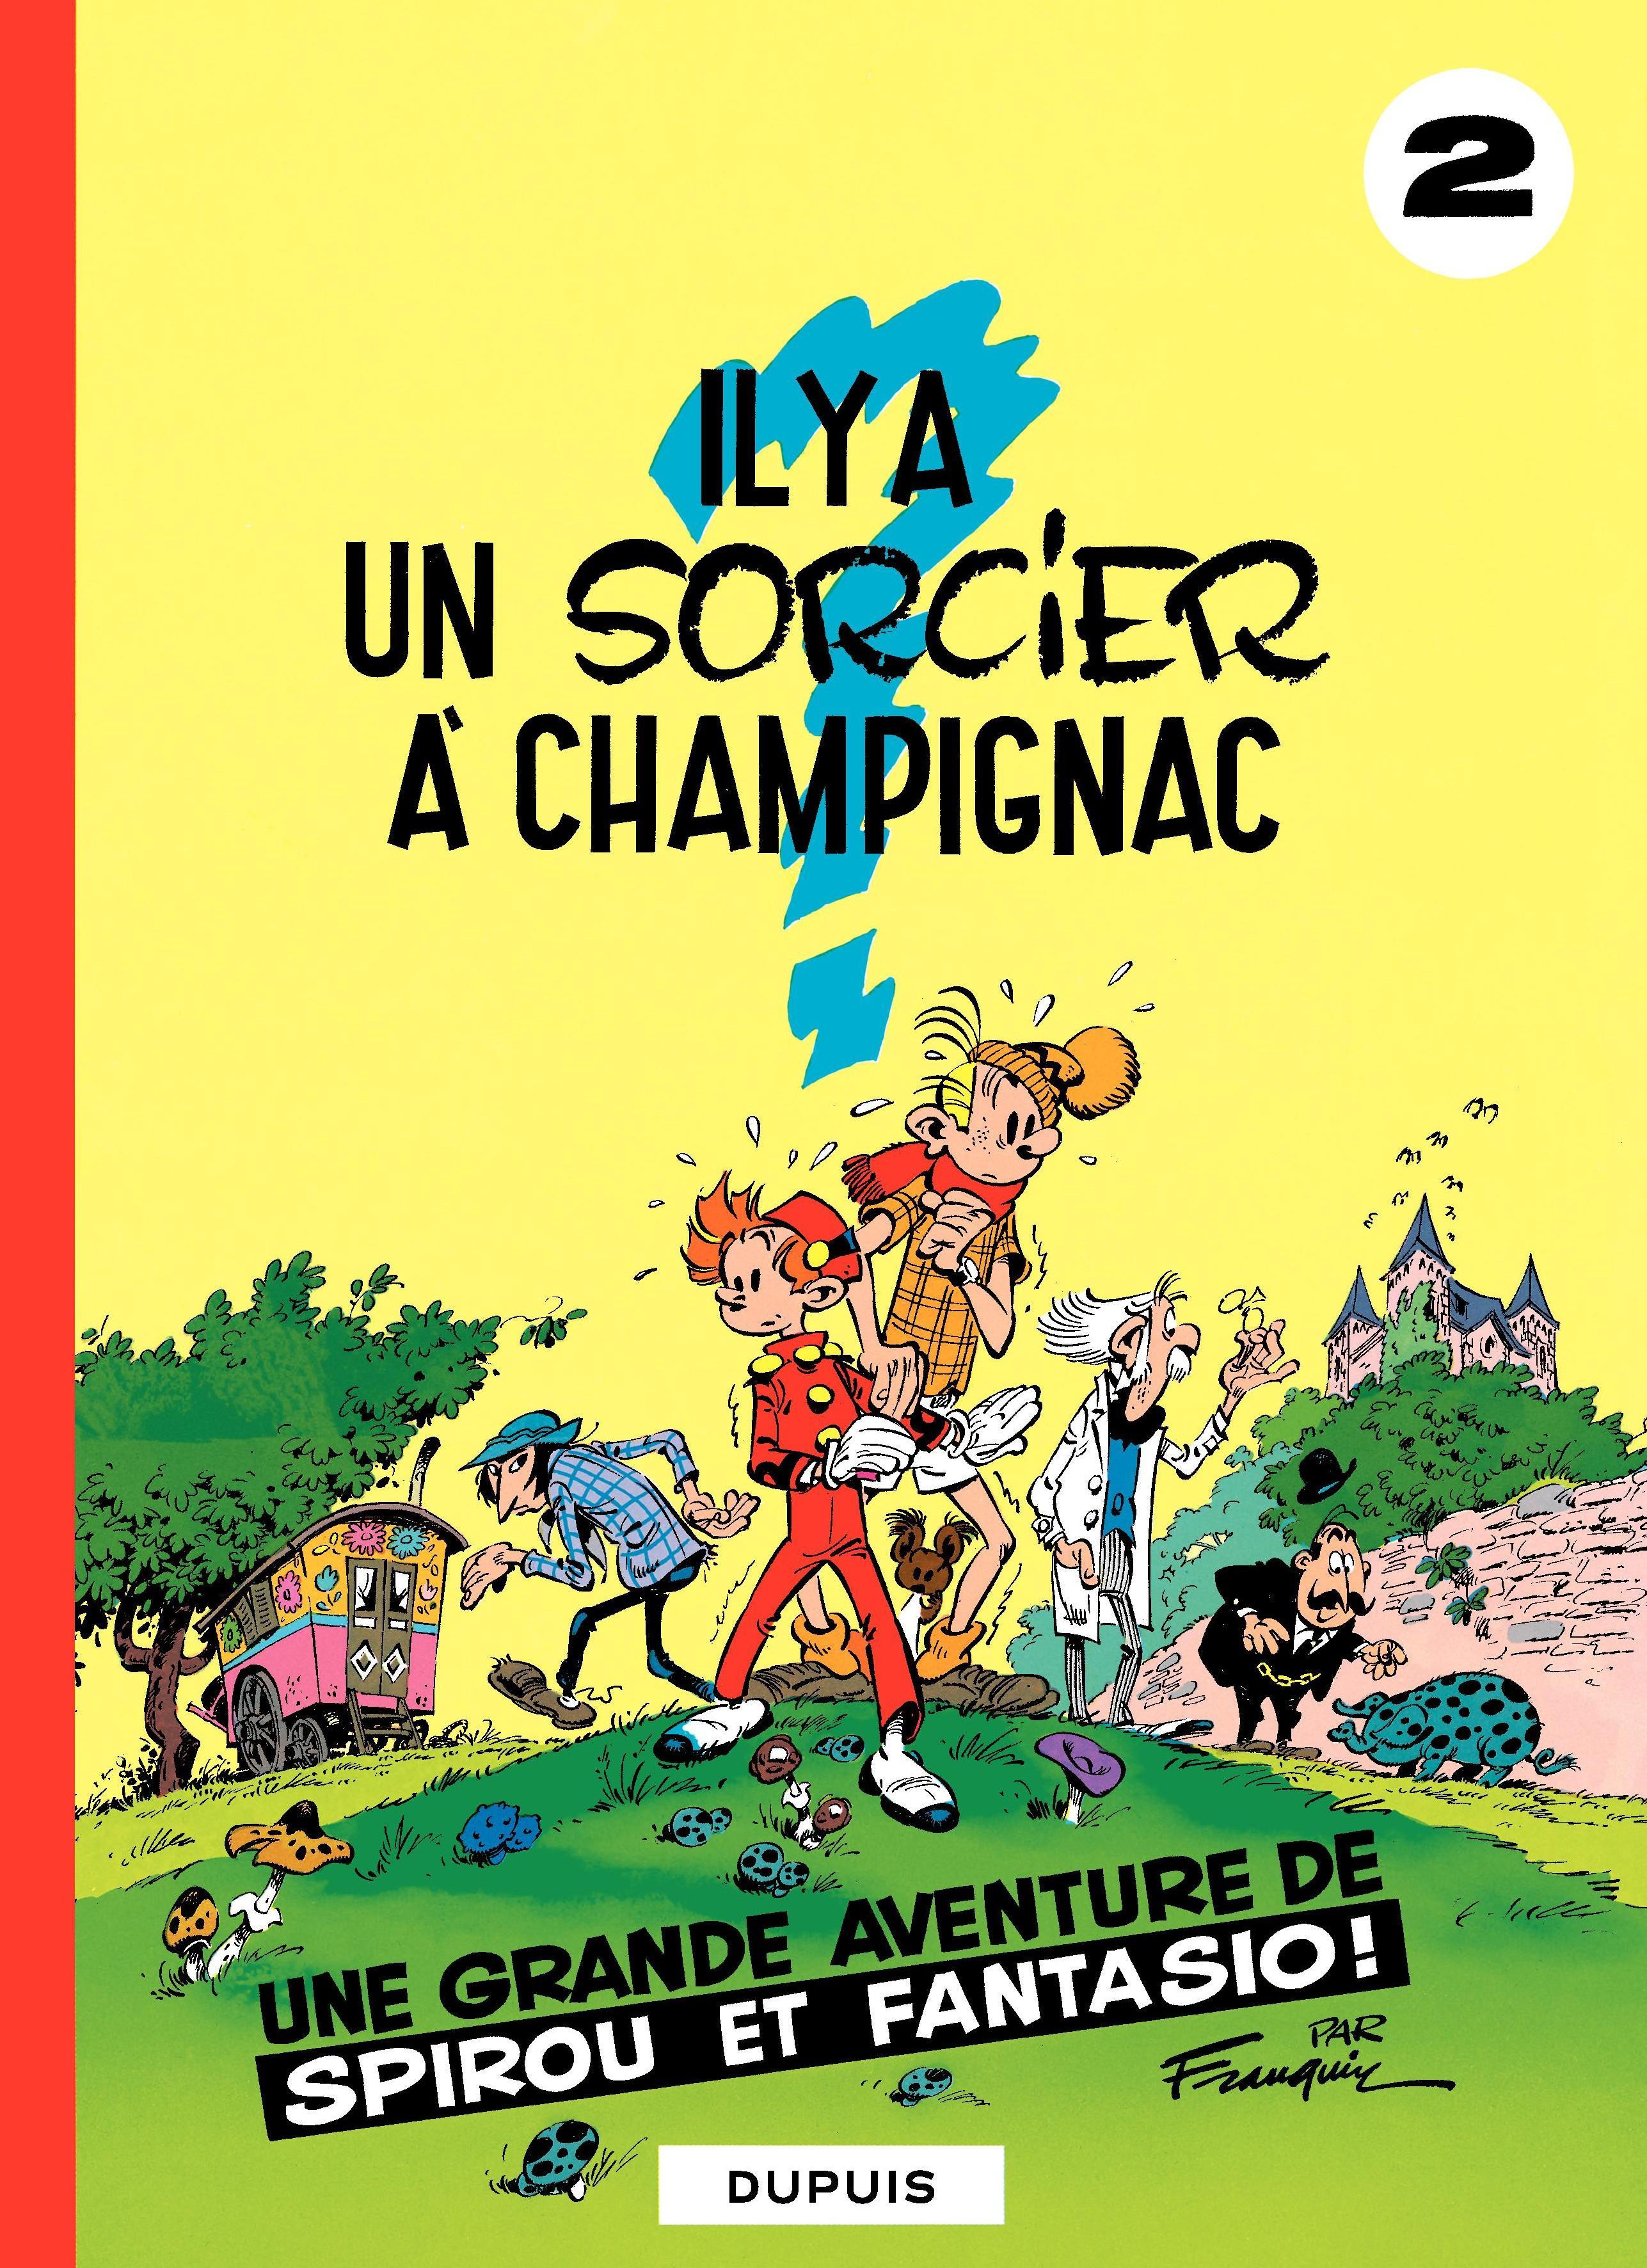 Spirou et Fantasio - Tome 2 - IL Y A UN SORCIER A CHAMPIGNAC